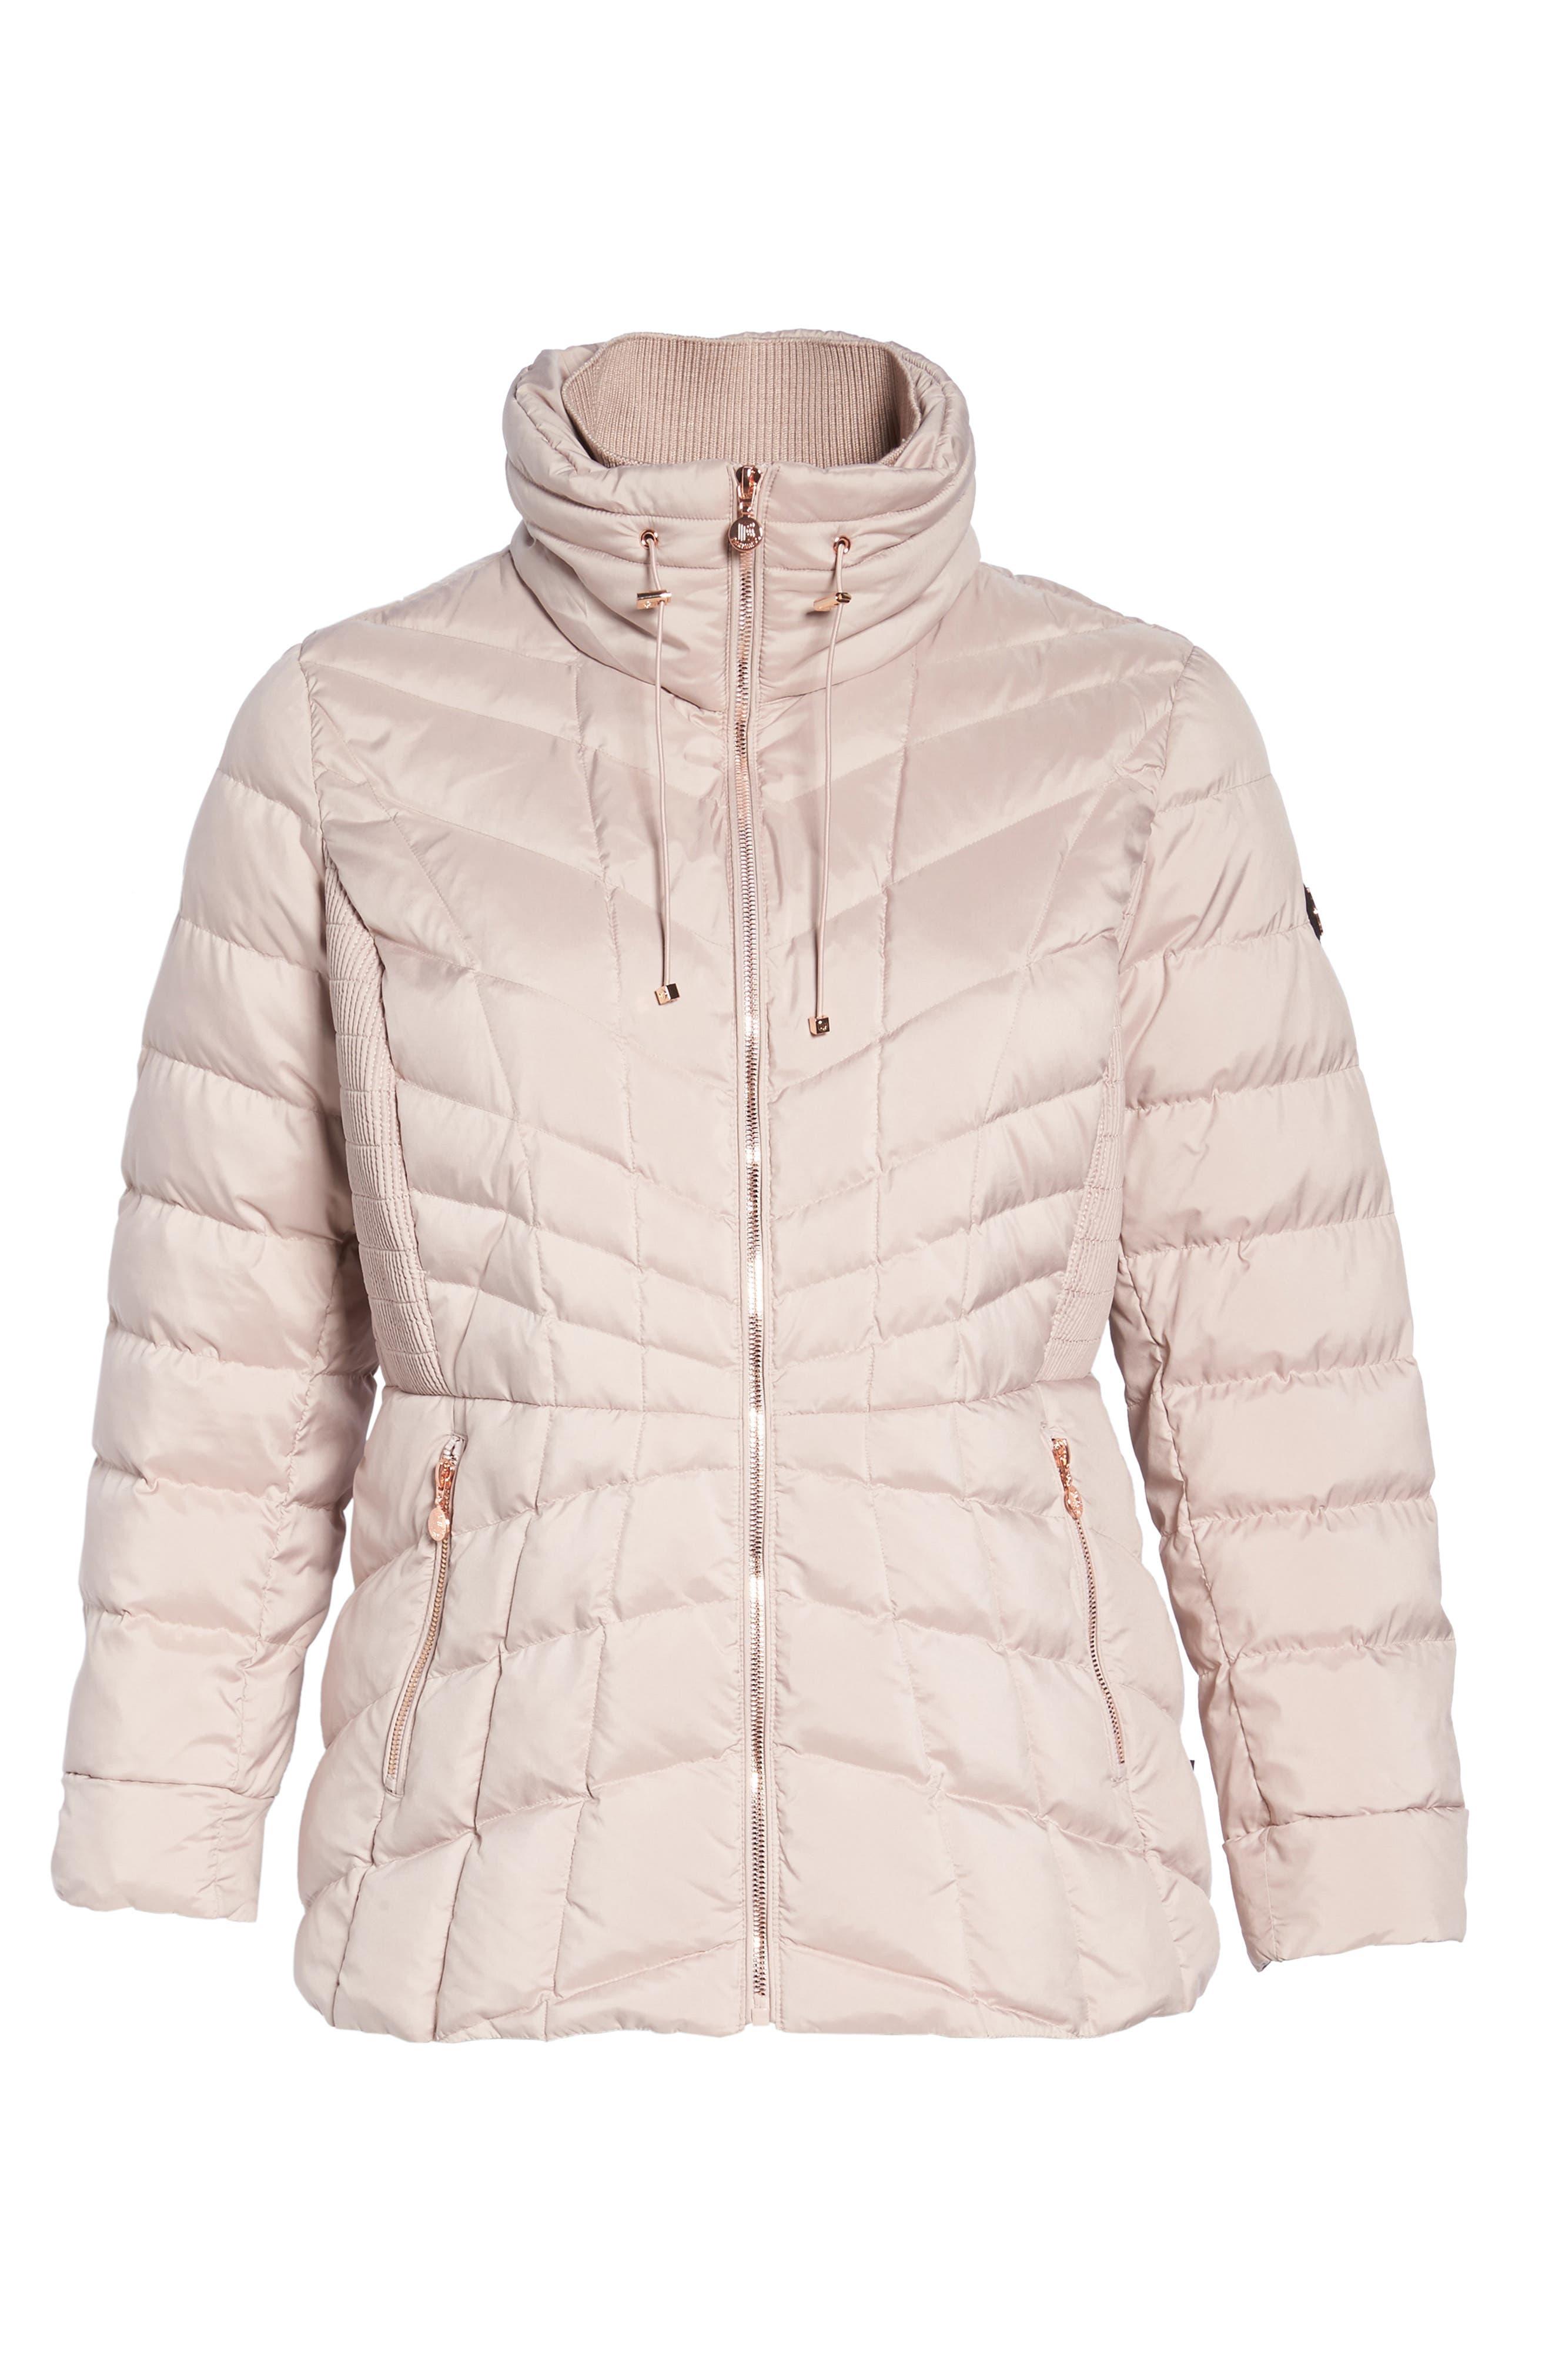 Packable Water Resistant Down & PrimaLoft<sup>®</sup> Coat,                             Alternate thumbnail 6, color,                             Petal Pink/ Snow Leopard